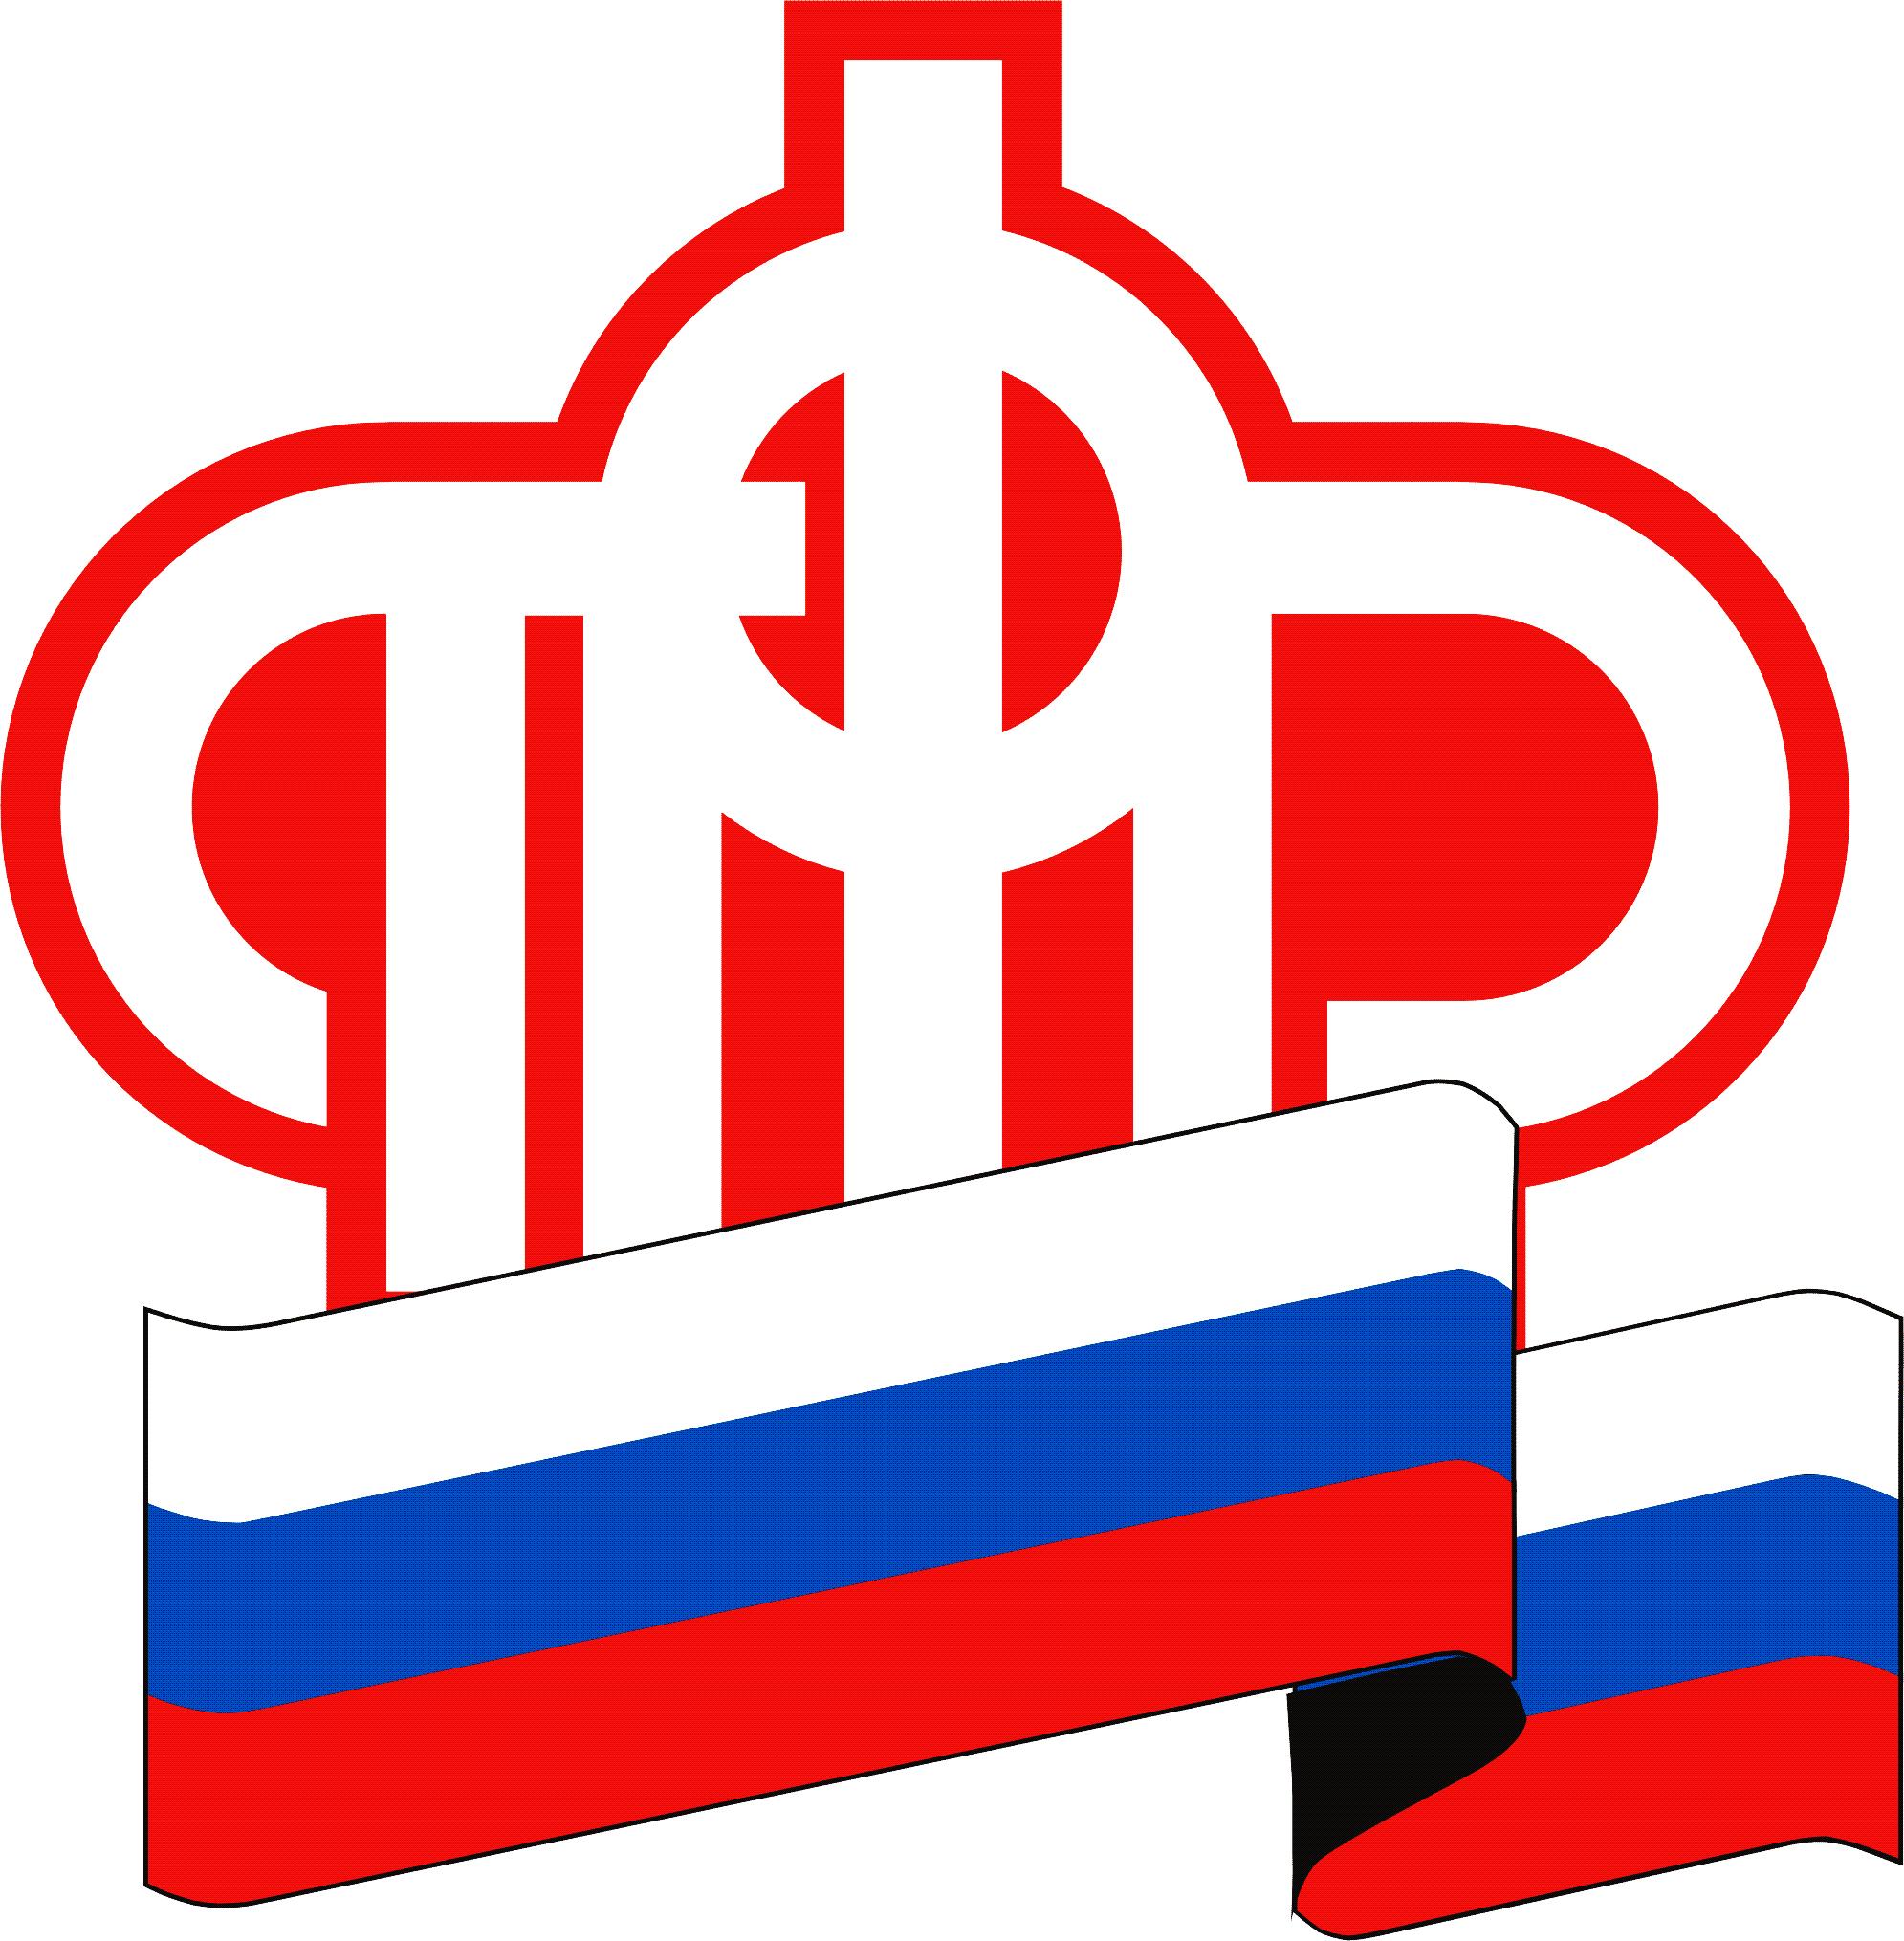 """Логотип Пенсионного фонда России. """"ПРФ"""" и Флаг Российской Федерации"""